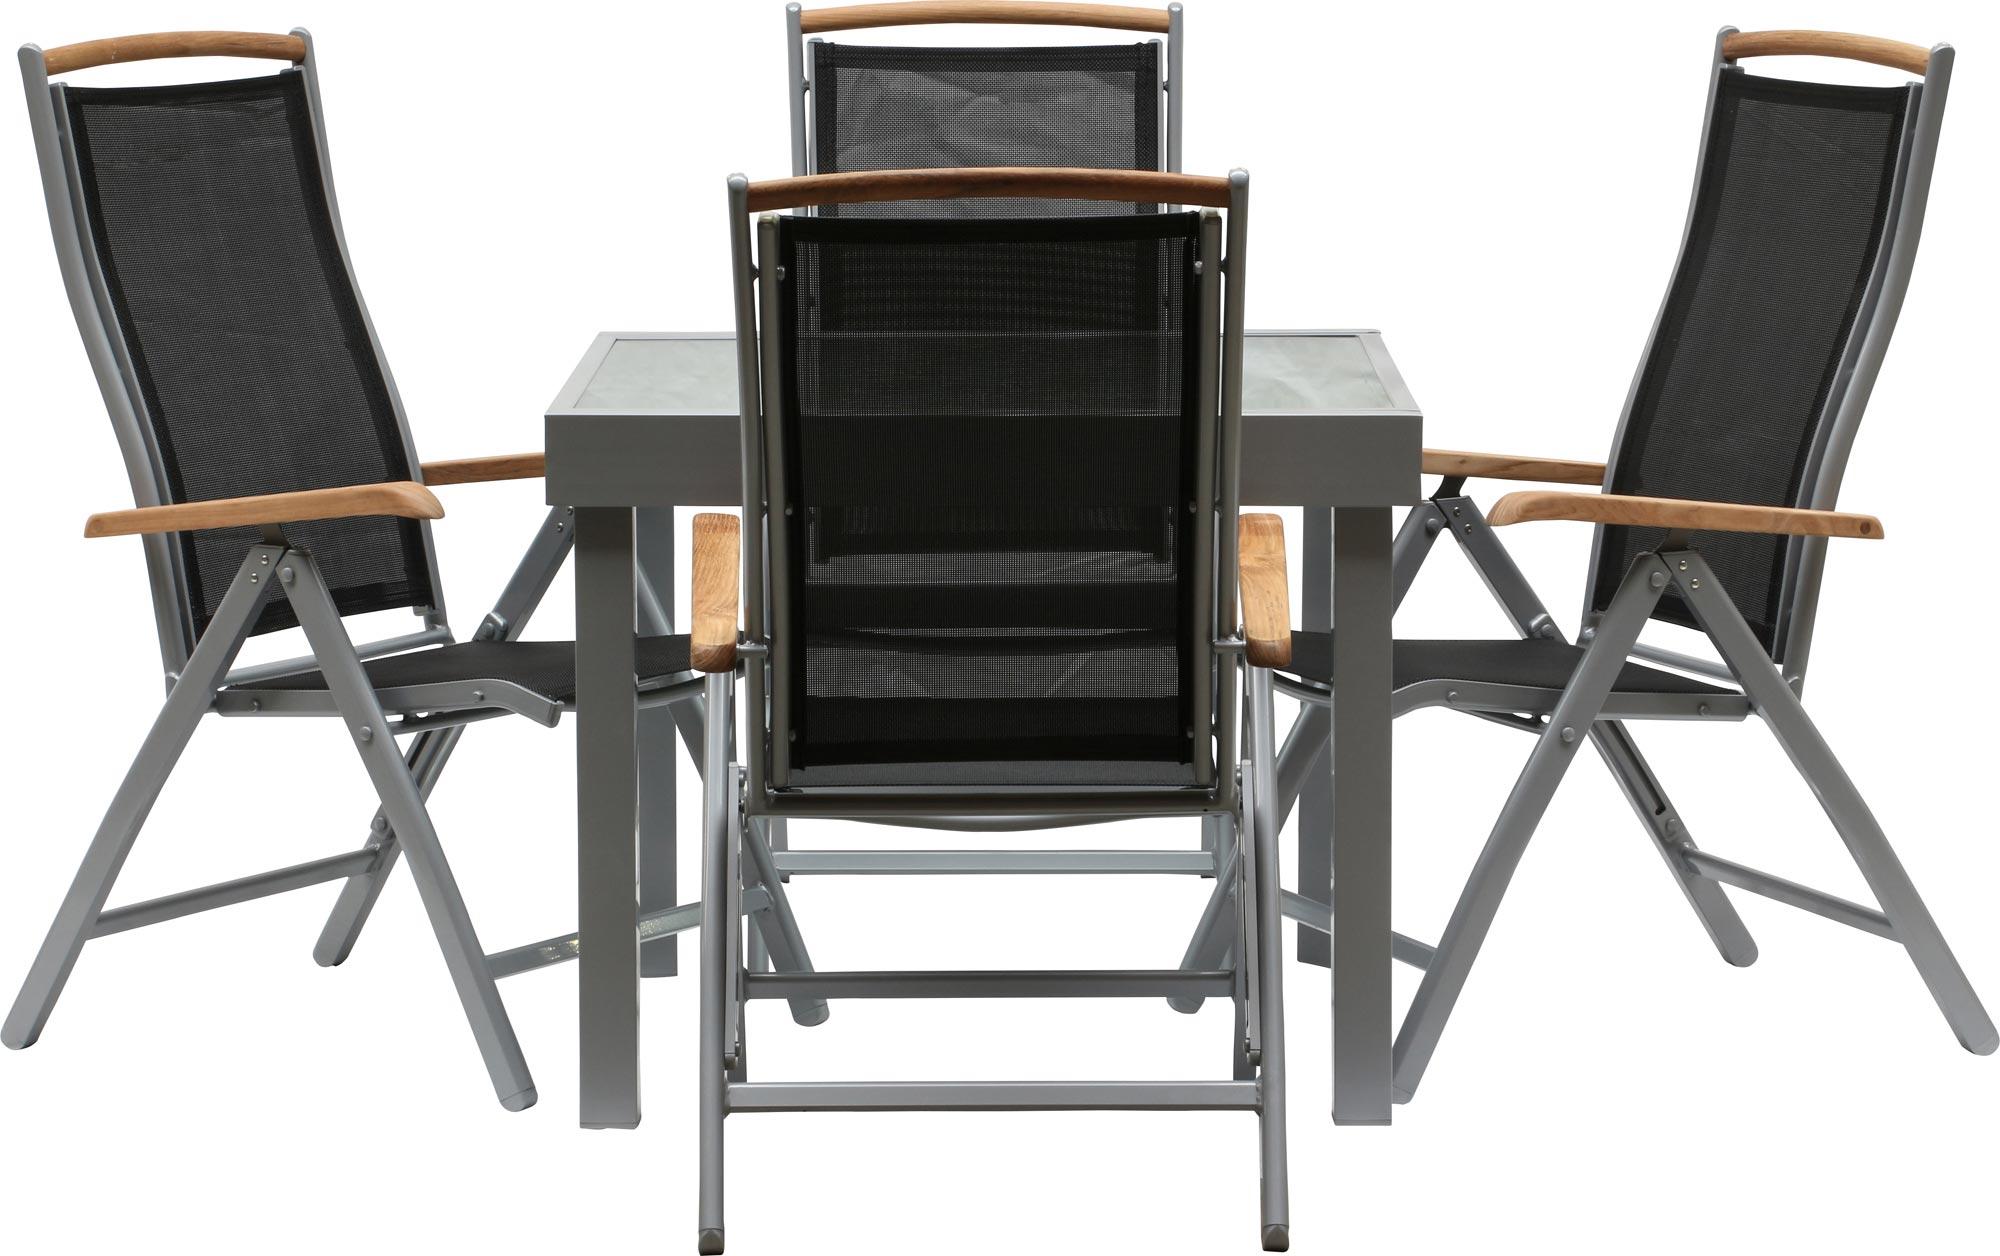 premium gartentisch ausziehtisch 90 180 cm tisch gartenm bel esstisch garten alu. Black Bedroom Furniture Sets. Home Design Ideas